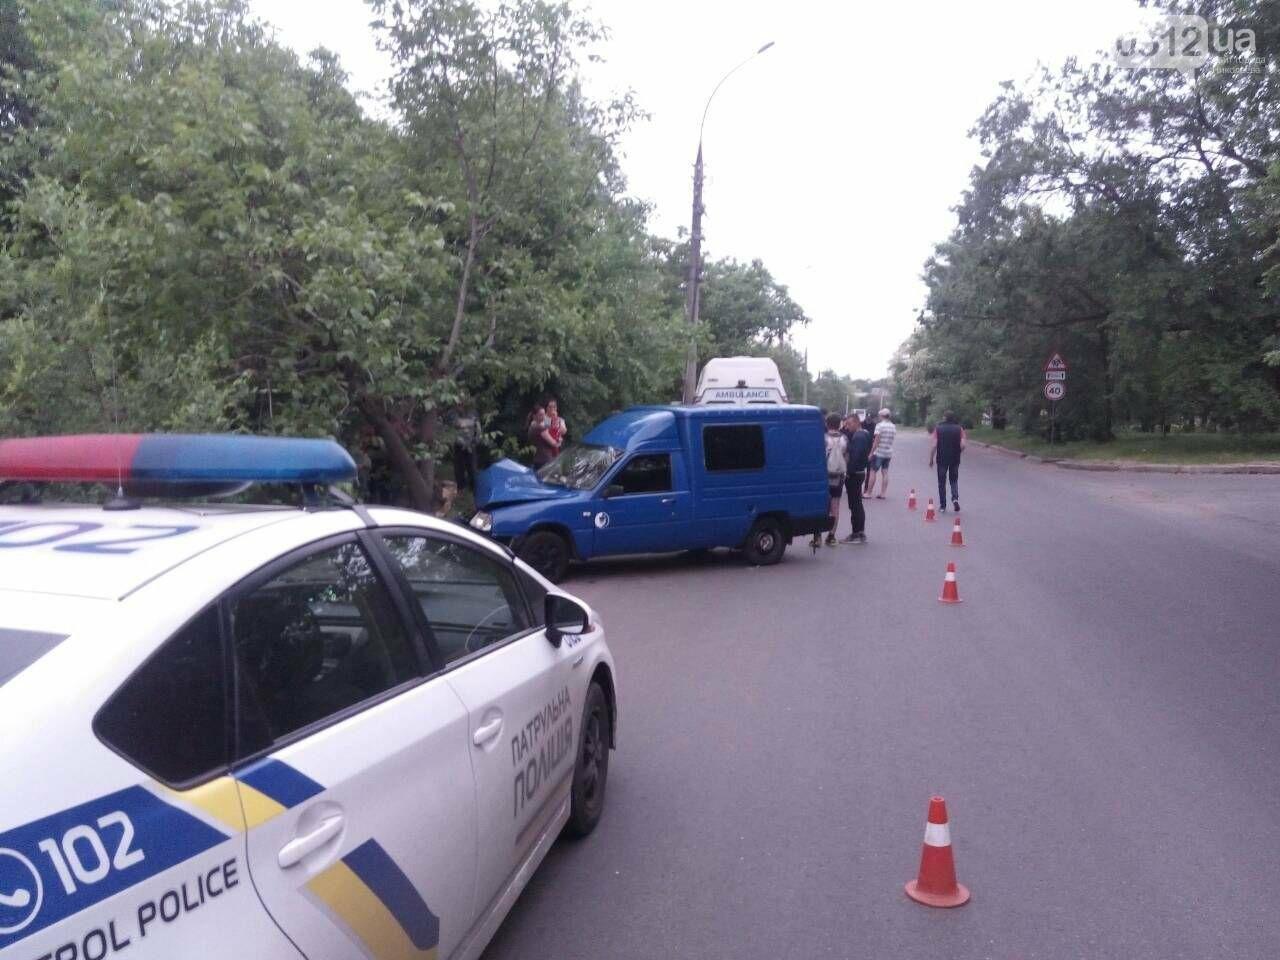 В Николаеве ИЖ врезался в дерево: пострадали пассажиры, - ФОТО, фото-6